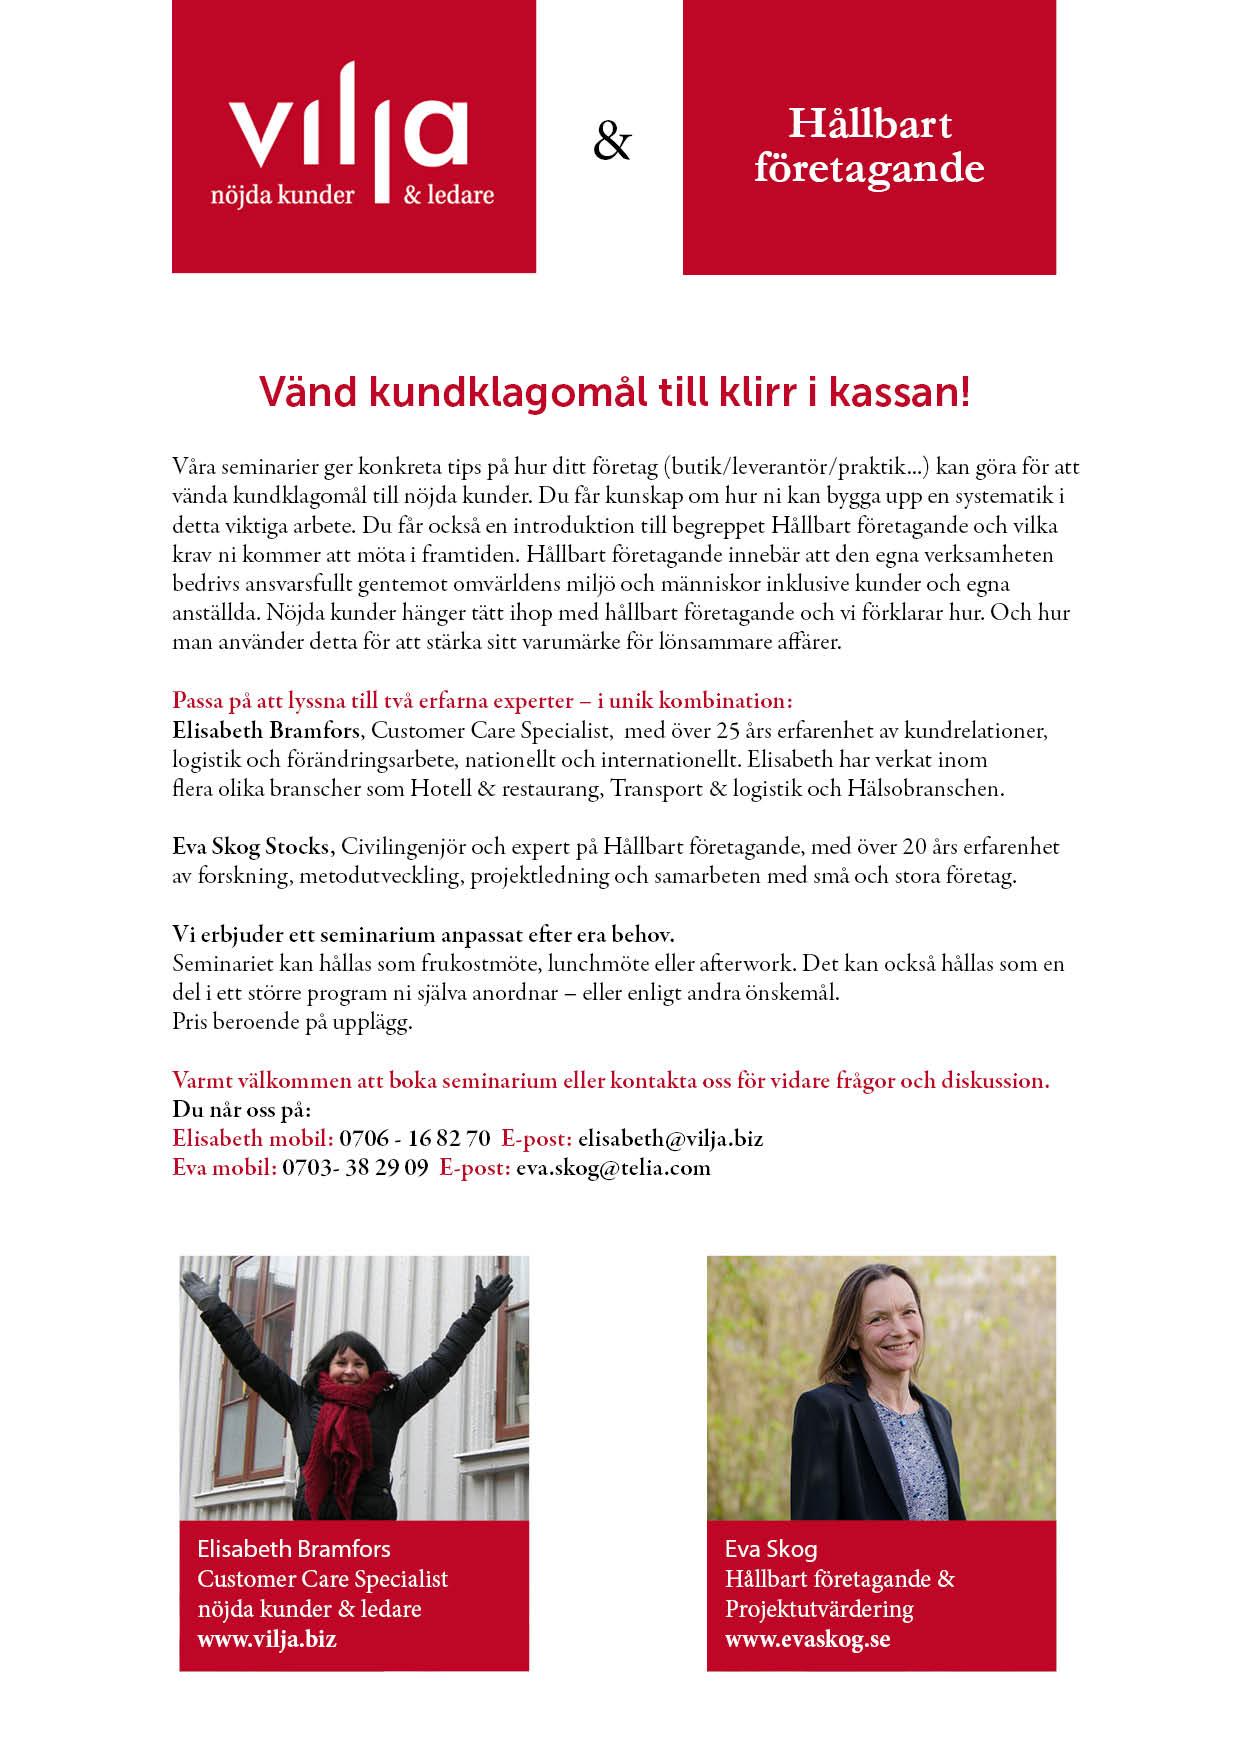 Infoblad Seminarium - Kundrelationer och Hållbat företagande 2016